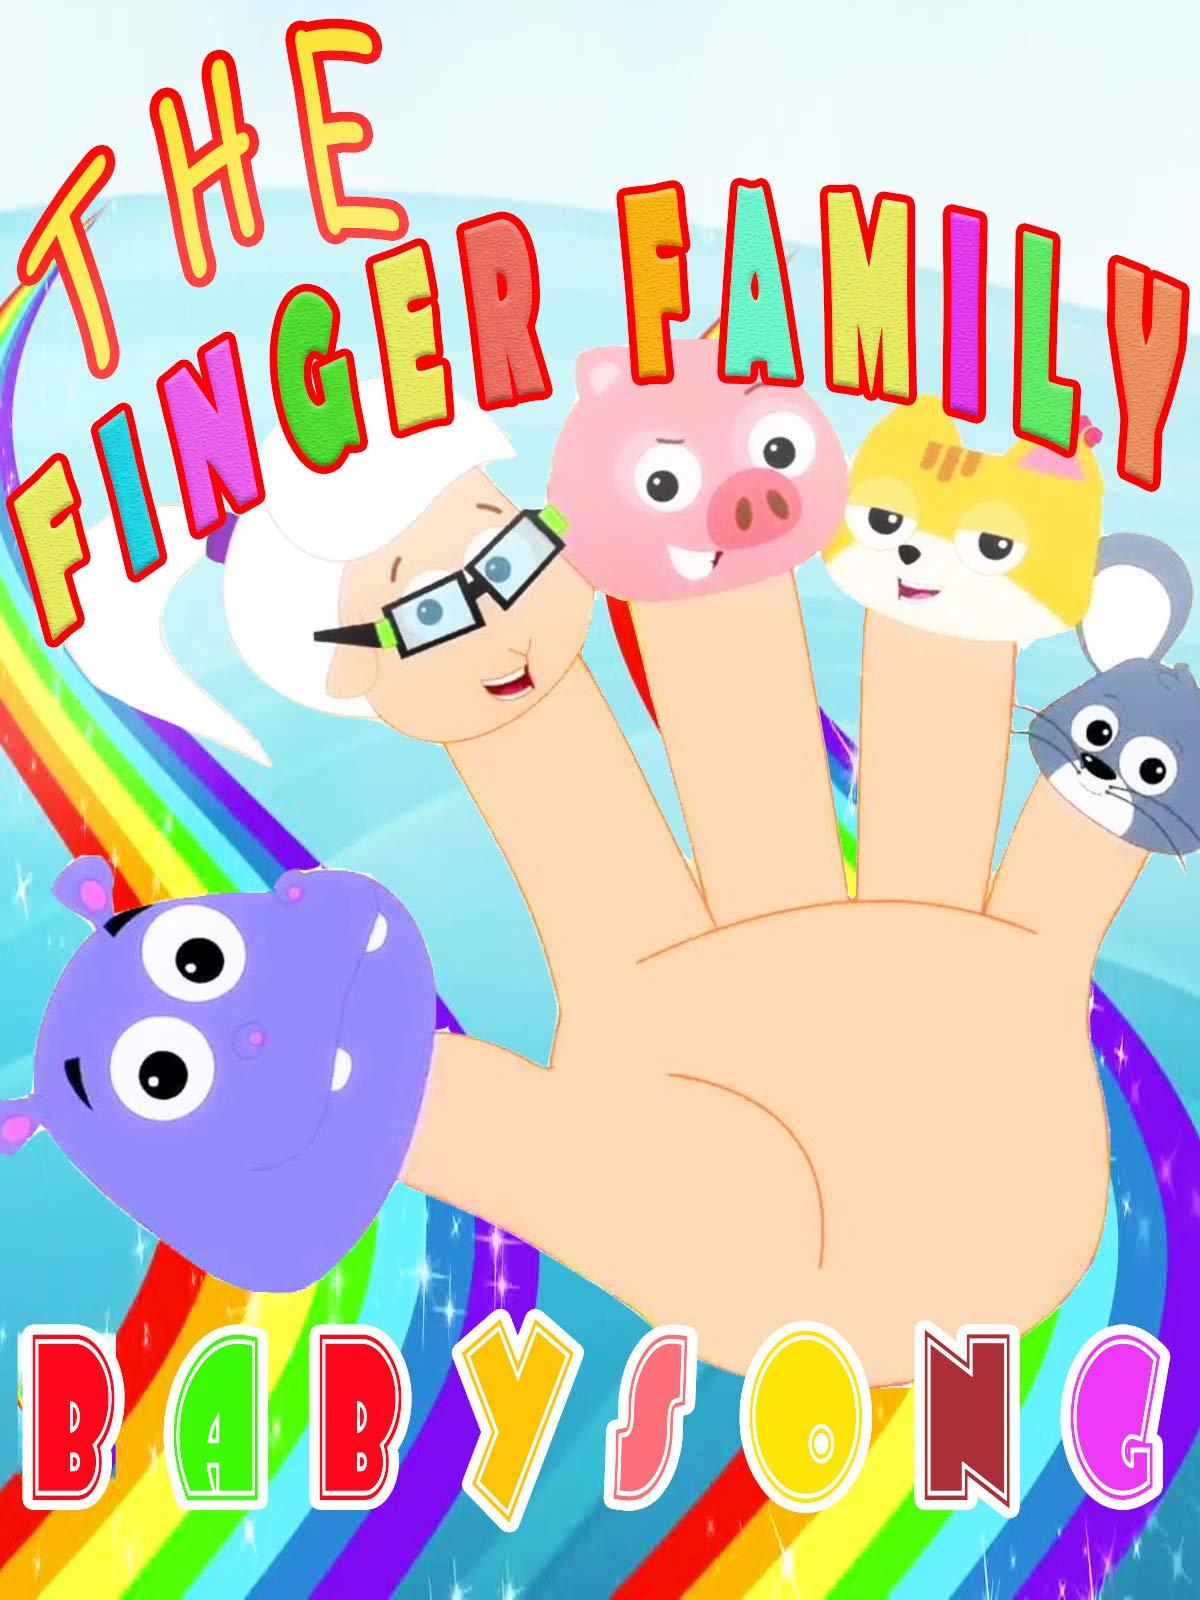 Clip: The Finger Family & Babysongs